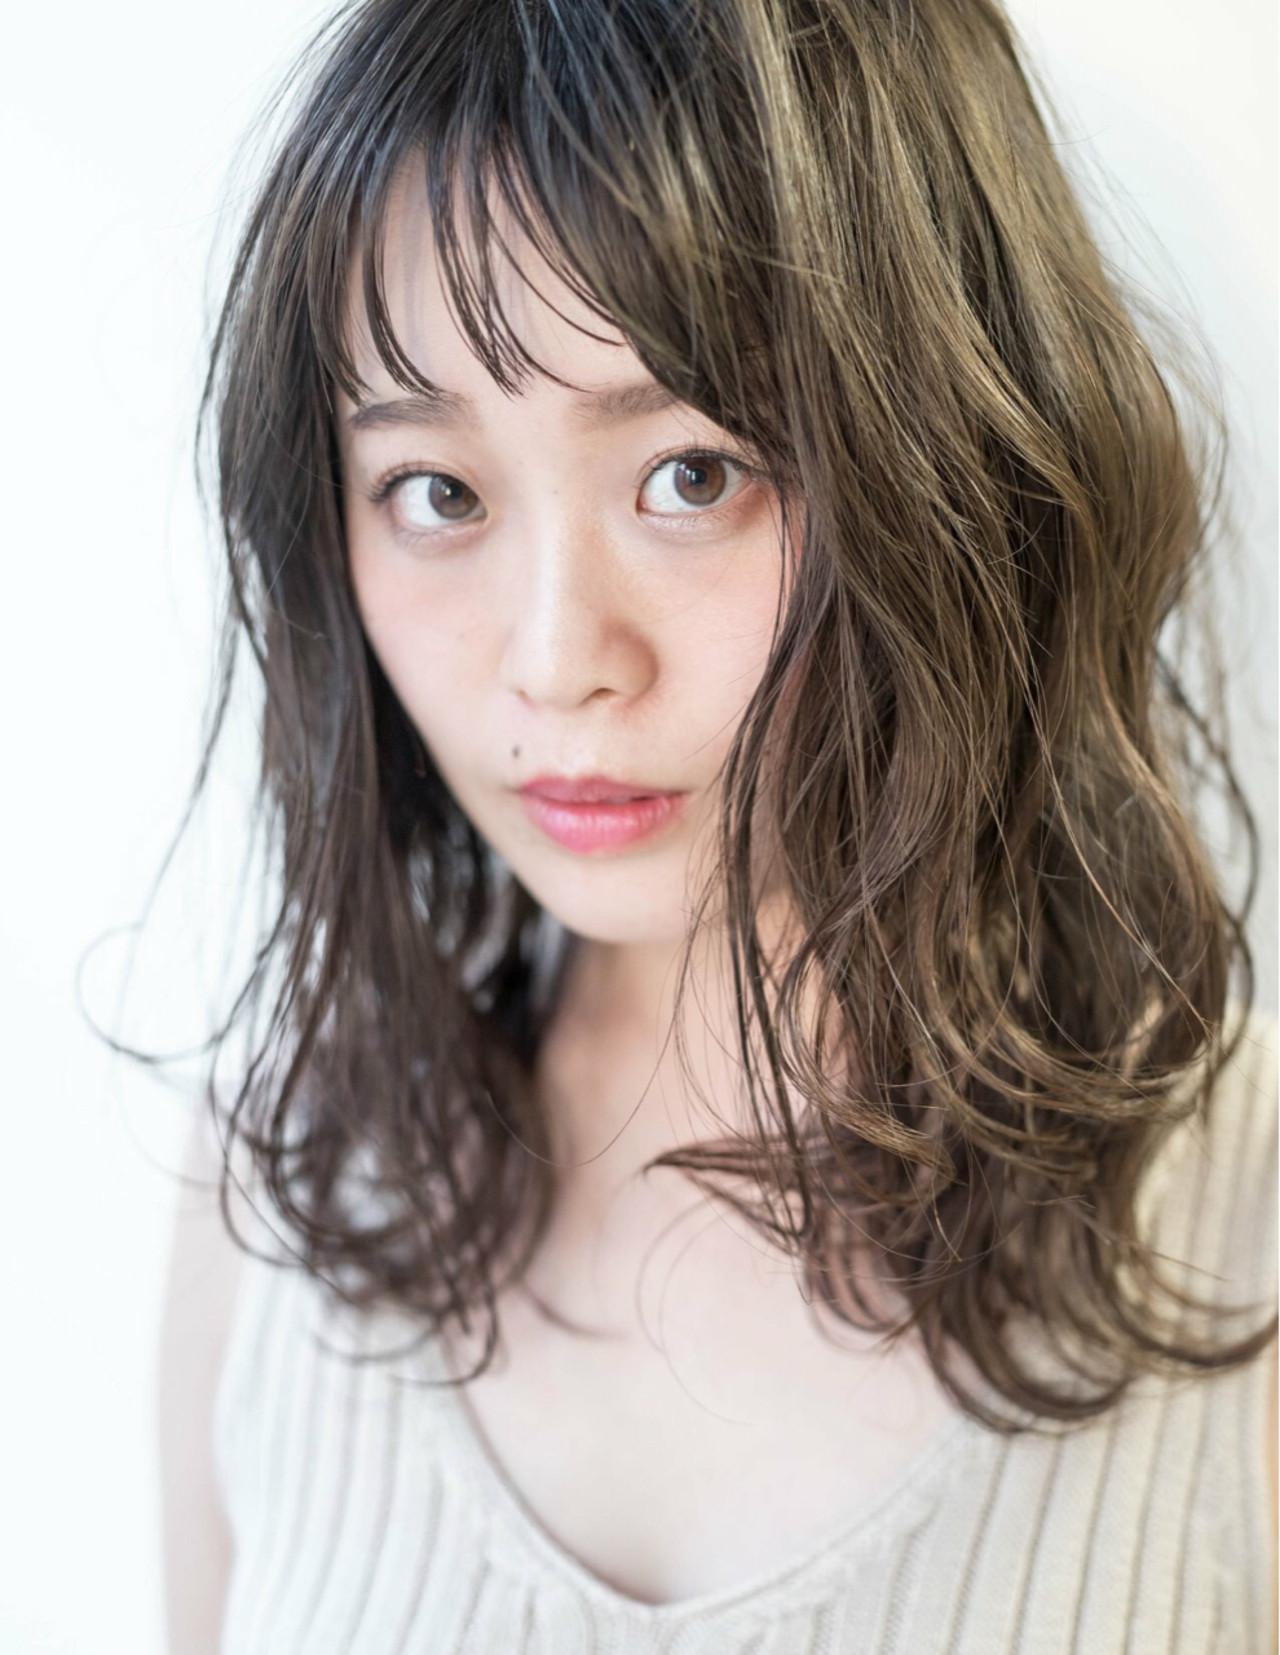 こなれ感 大人女子 パーマ セミロング ヘアスタイルや髪型の写真・画像